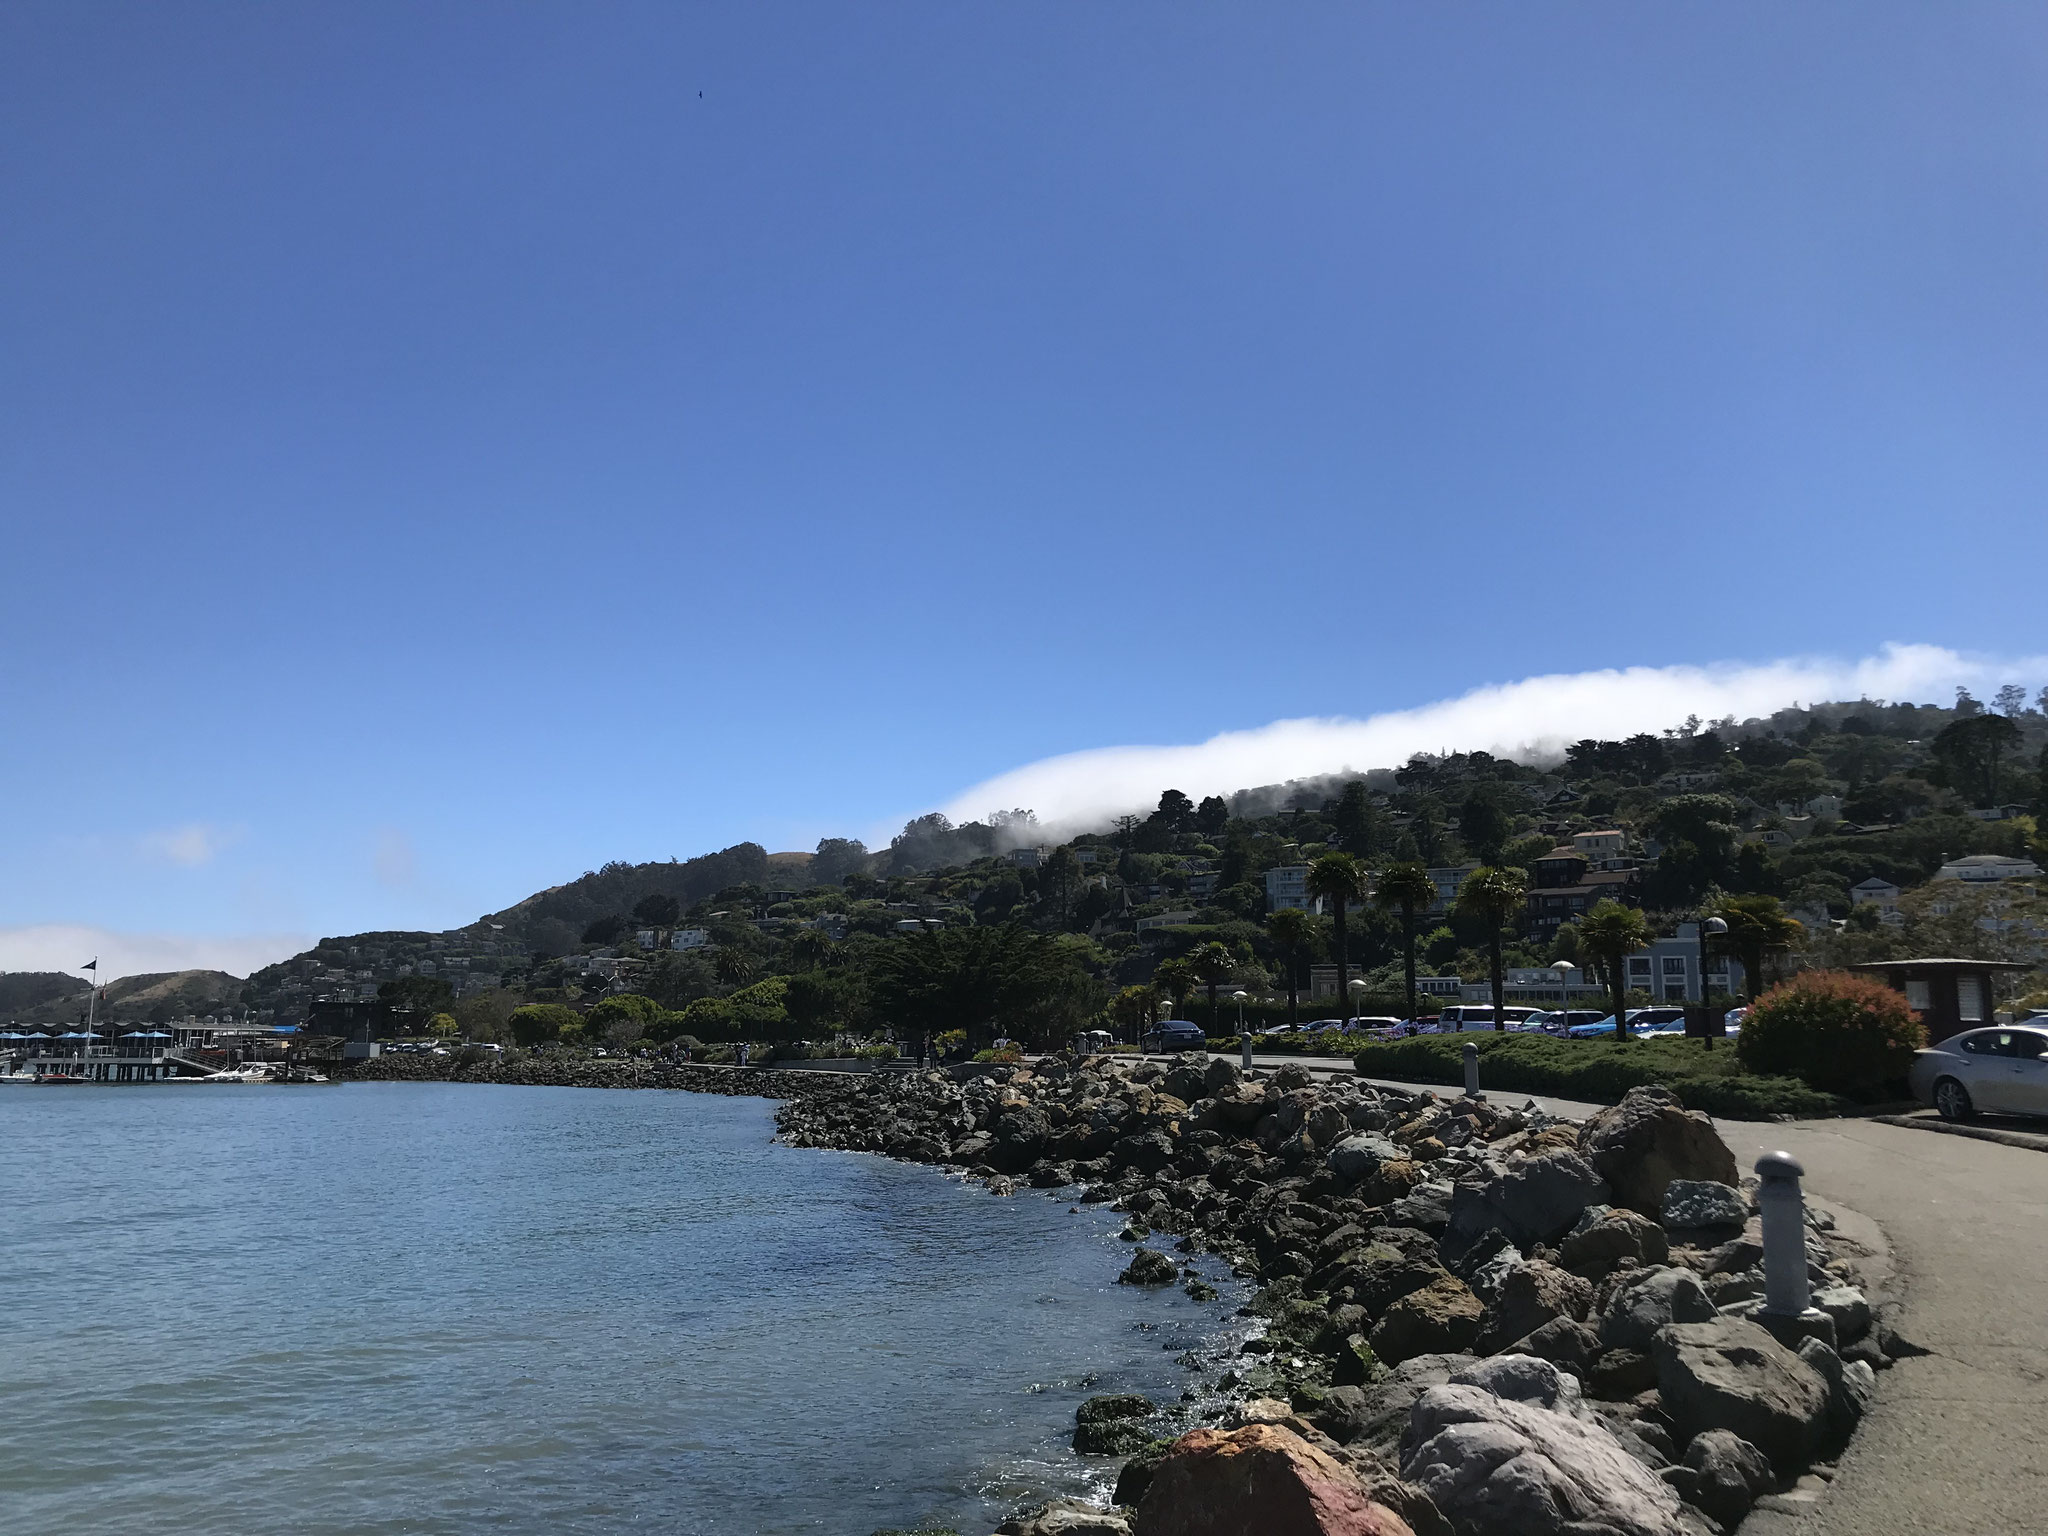 In Sausalito trafen wir auf tausende Touristen, die von SF her einen Tagesausflug machten.